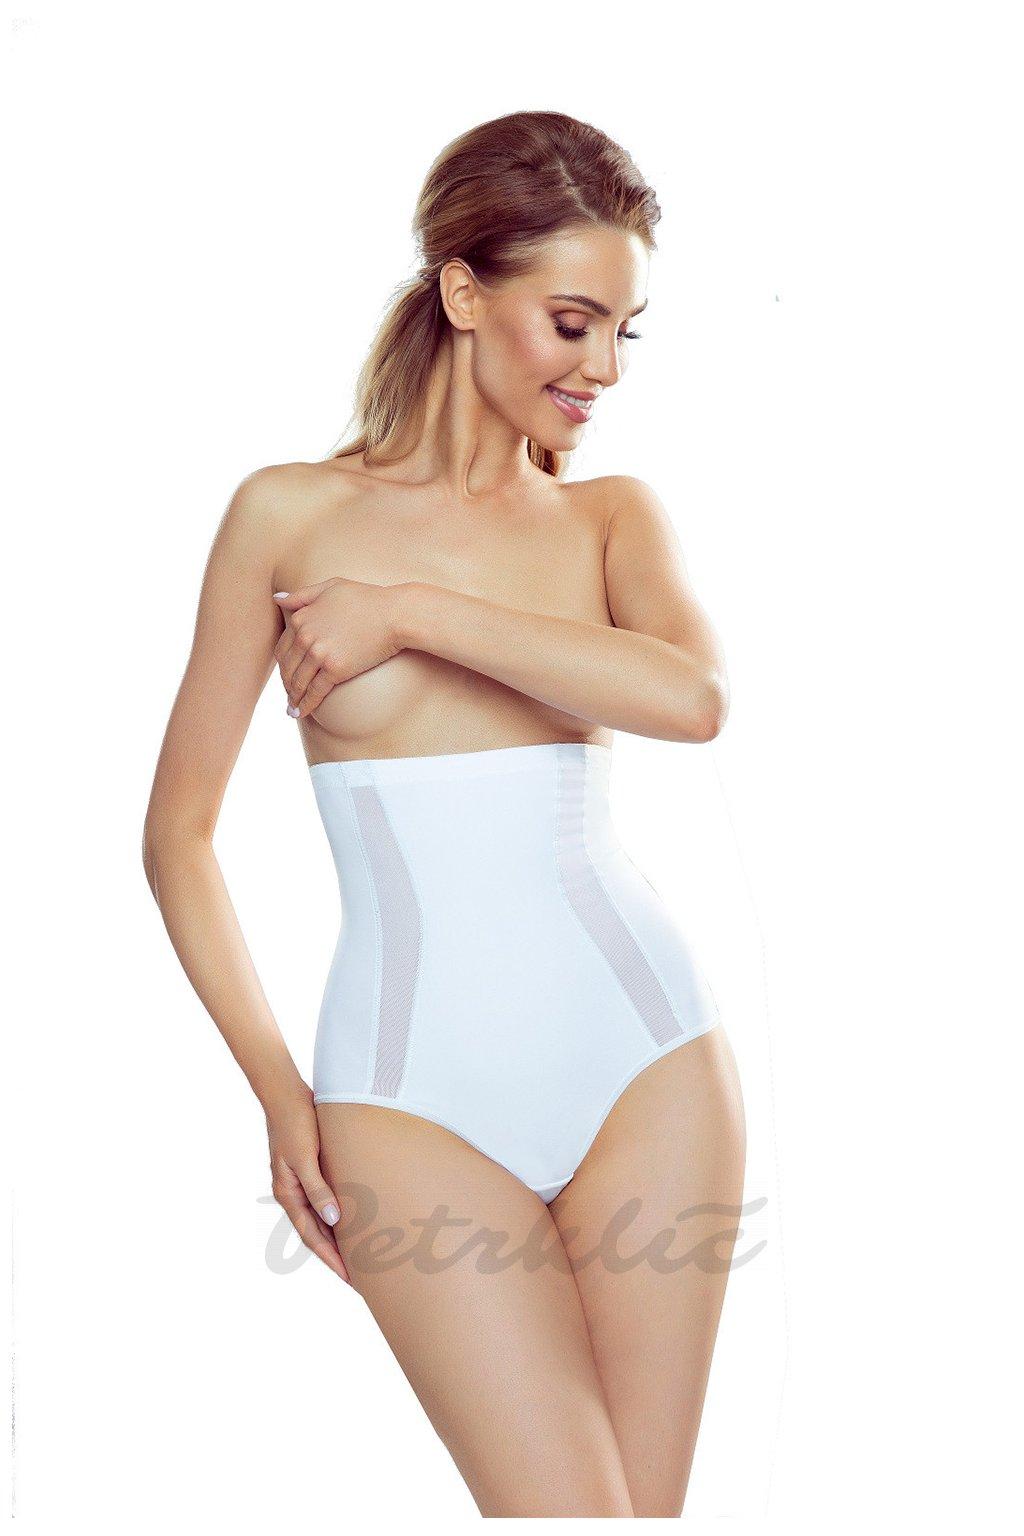 Vysoké zeštíhlující kalhotky v bílé barvě model 147375 Eldar